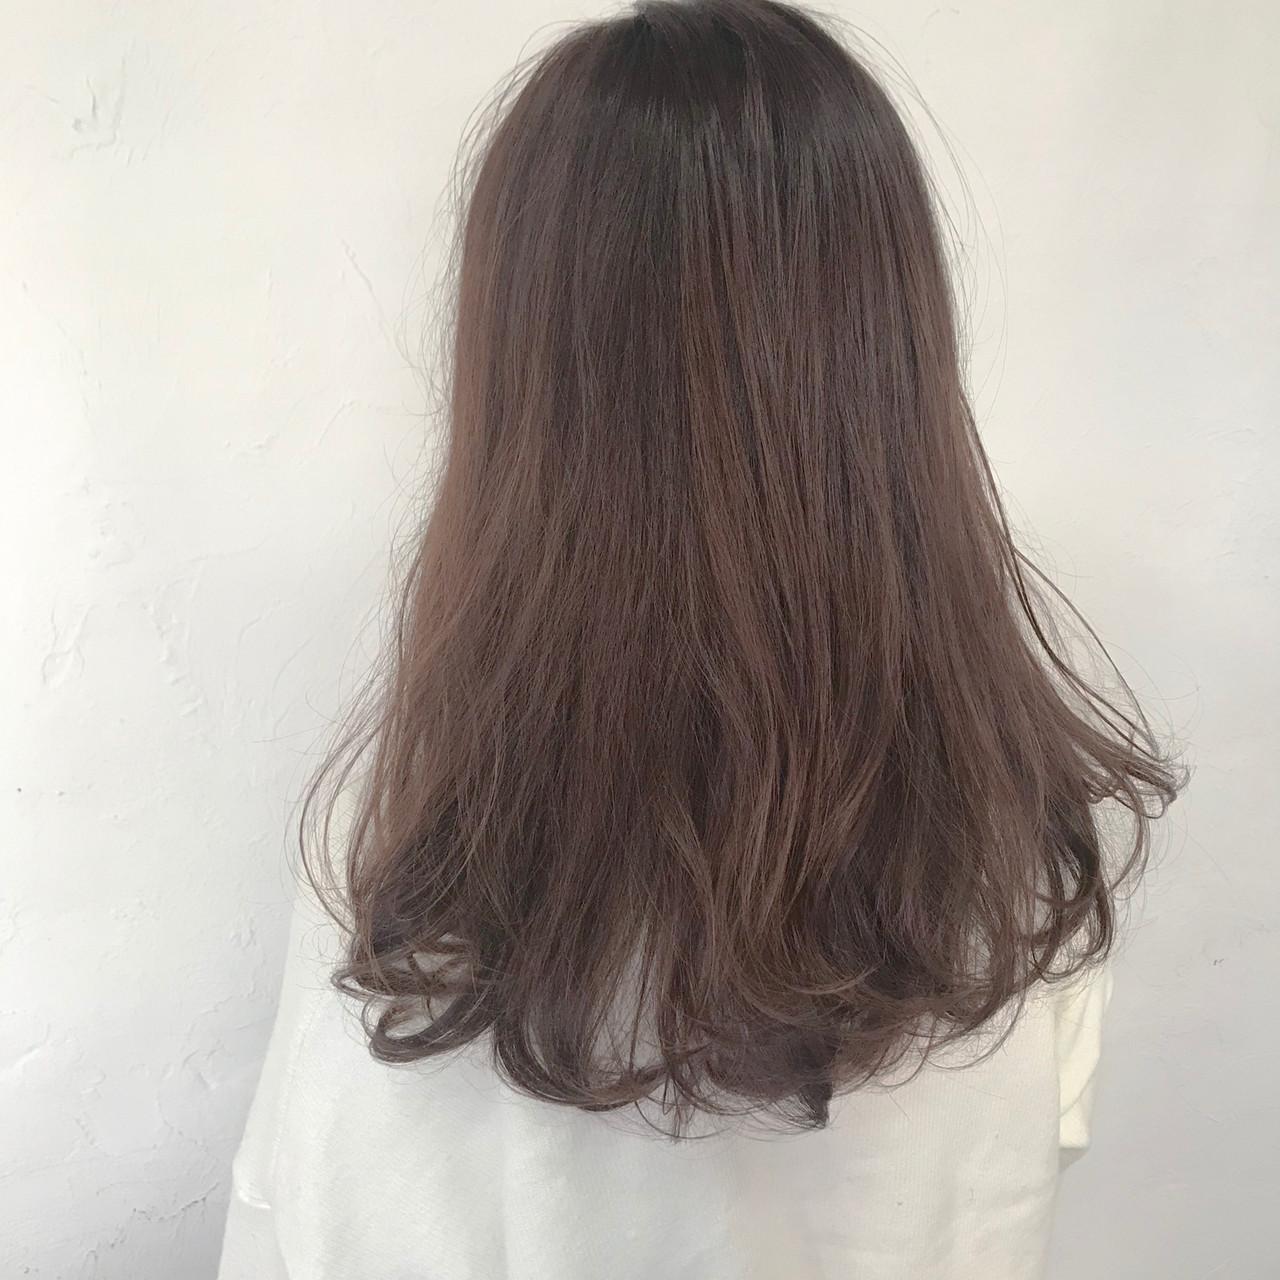 ミルクティーグレージュ ミルクティーベージュ ナチュラル デート ヘアスタイルや髪型の写真・画像